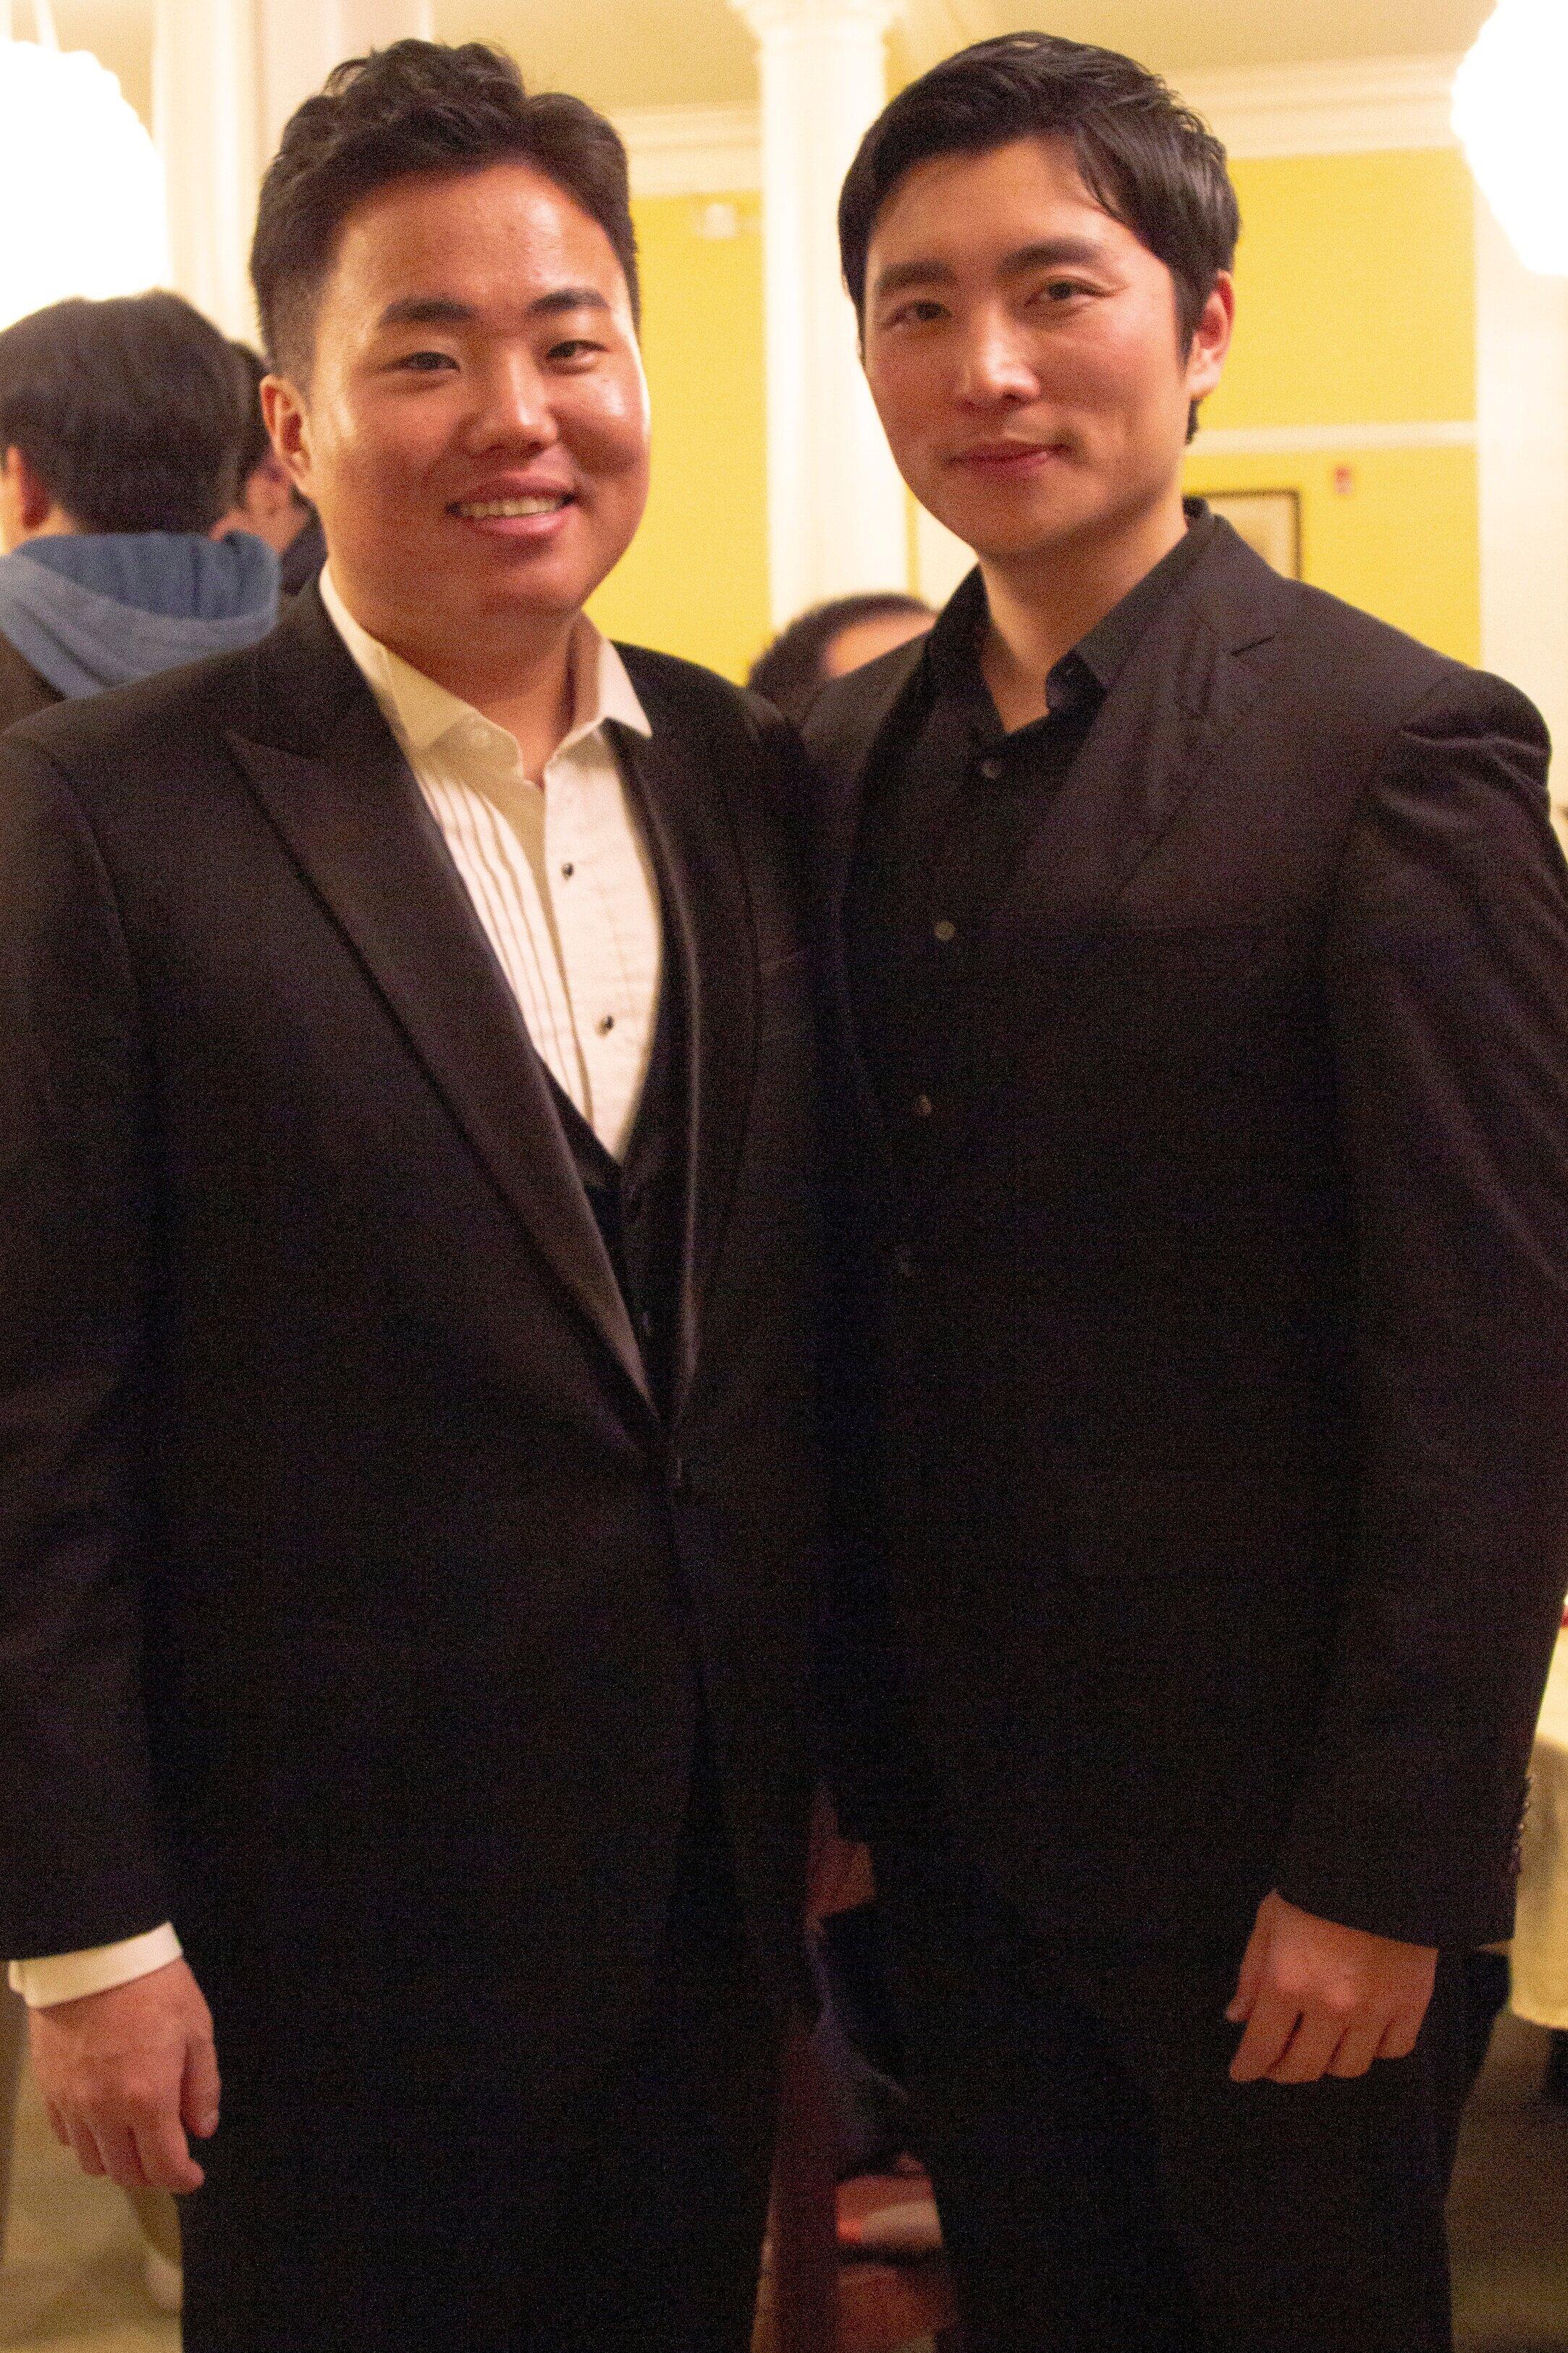 Dashaui Chen - Second Prize Winner, Xiaomeng Zhang - Audience Favorite Award